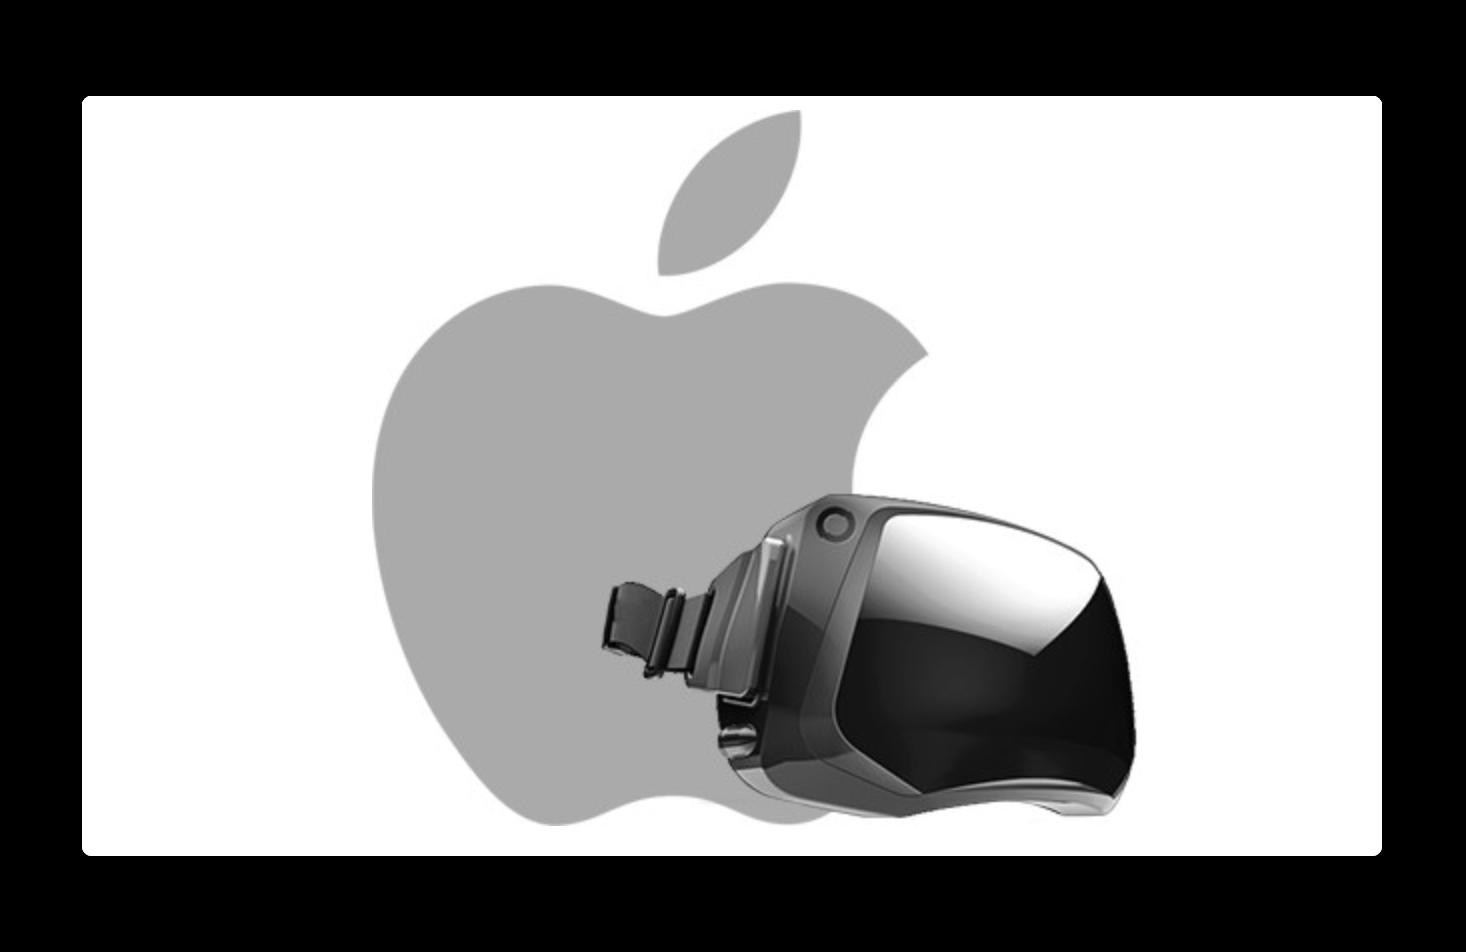 Apple、2020年にAR/VRヘッドセットリリース予定